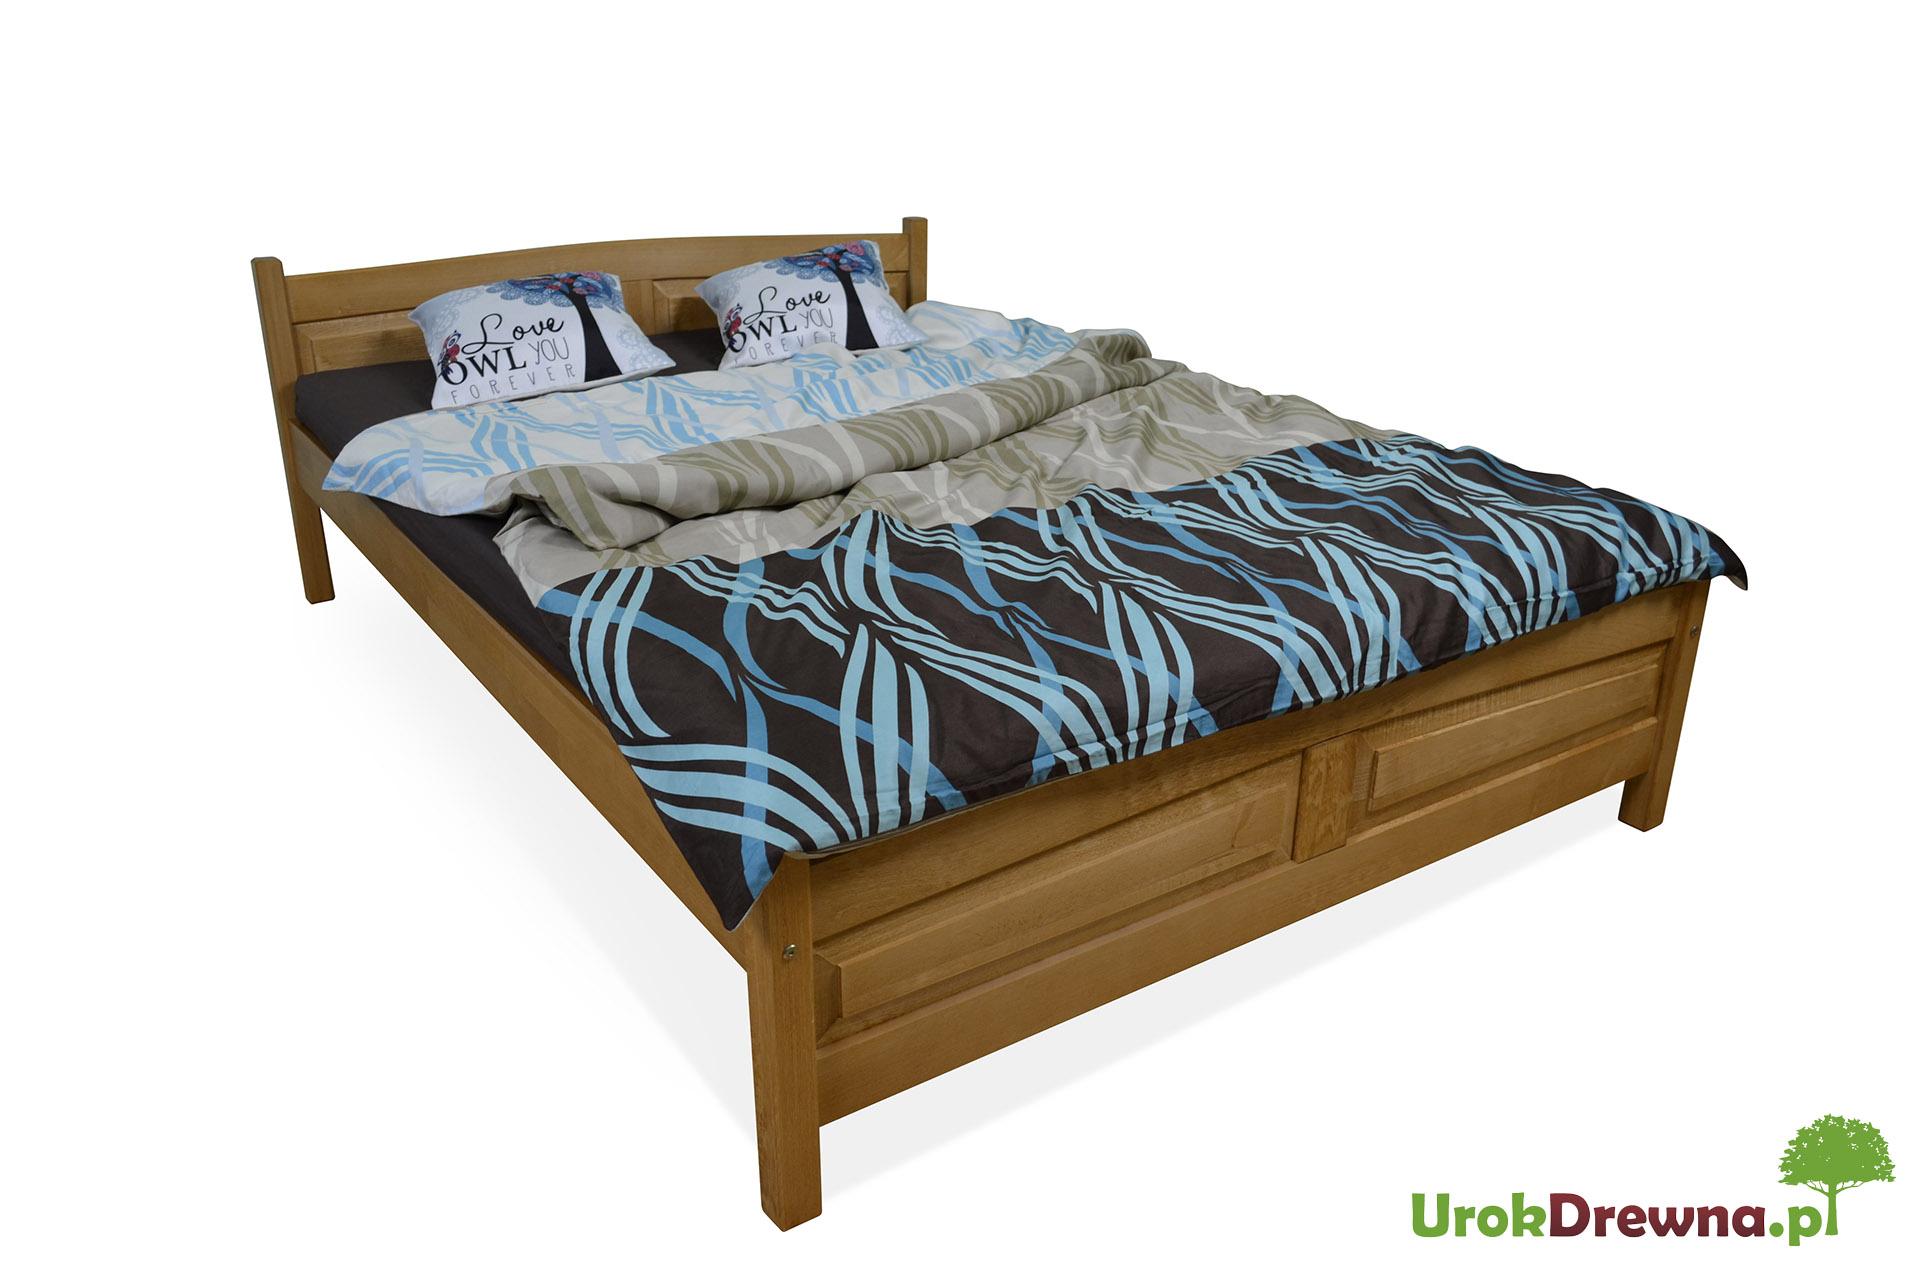 łóżko Drewniane Bukowe Filonek 160 X 200 Urokdrewnapl Meble